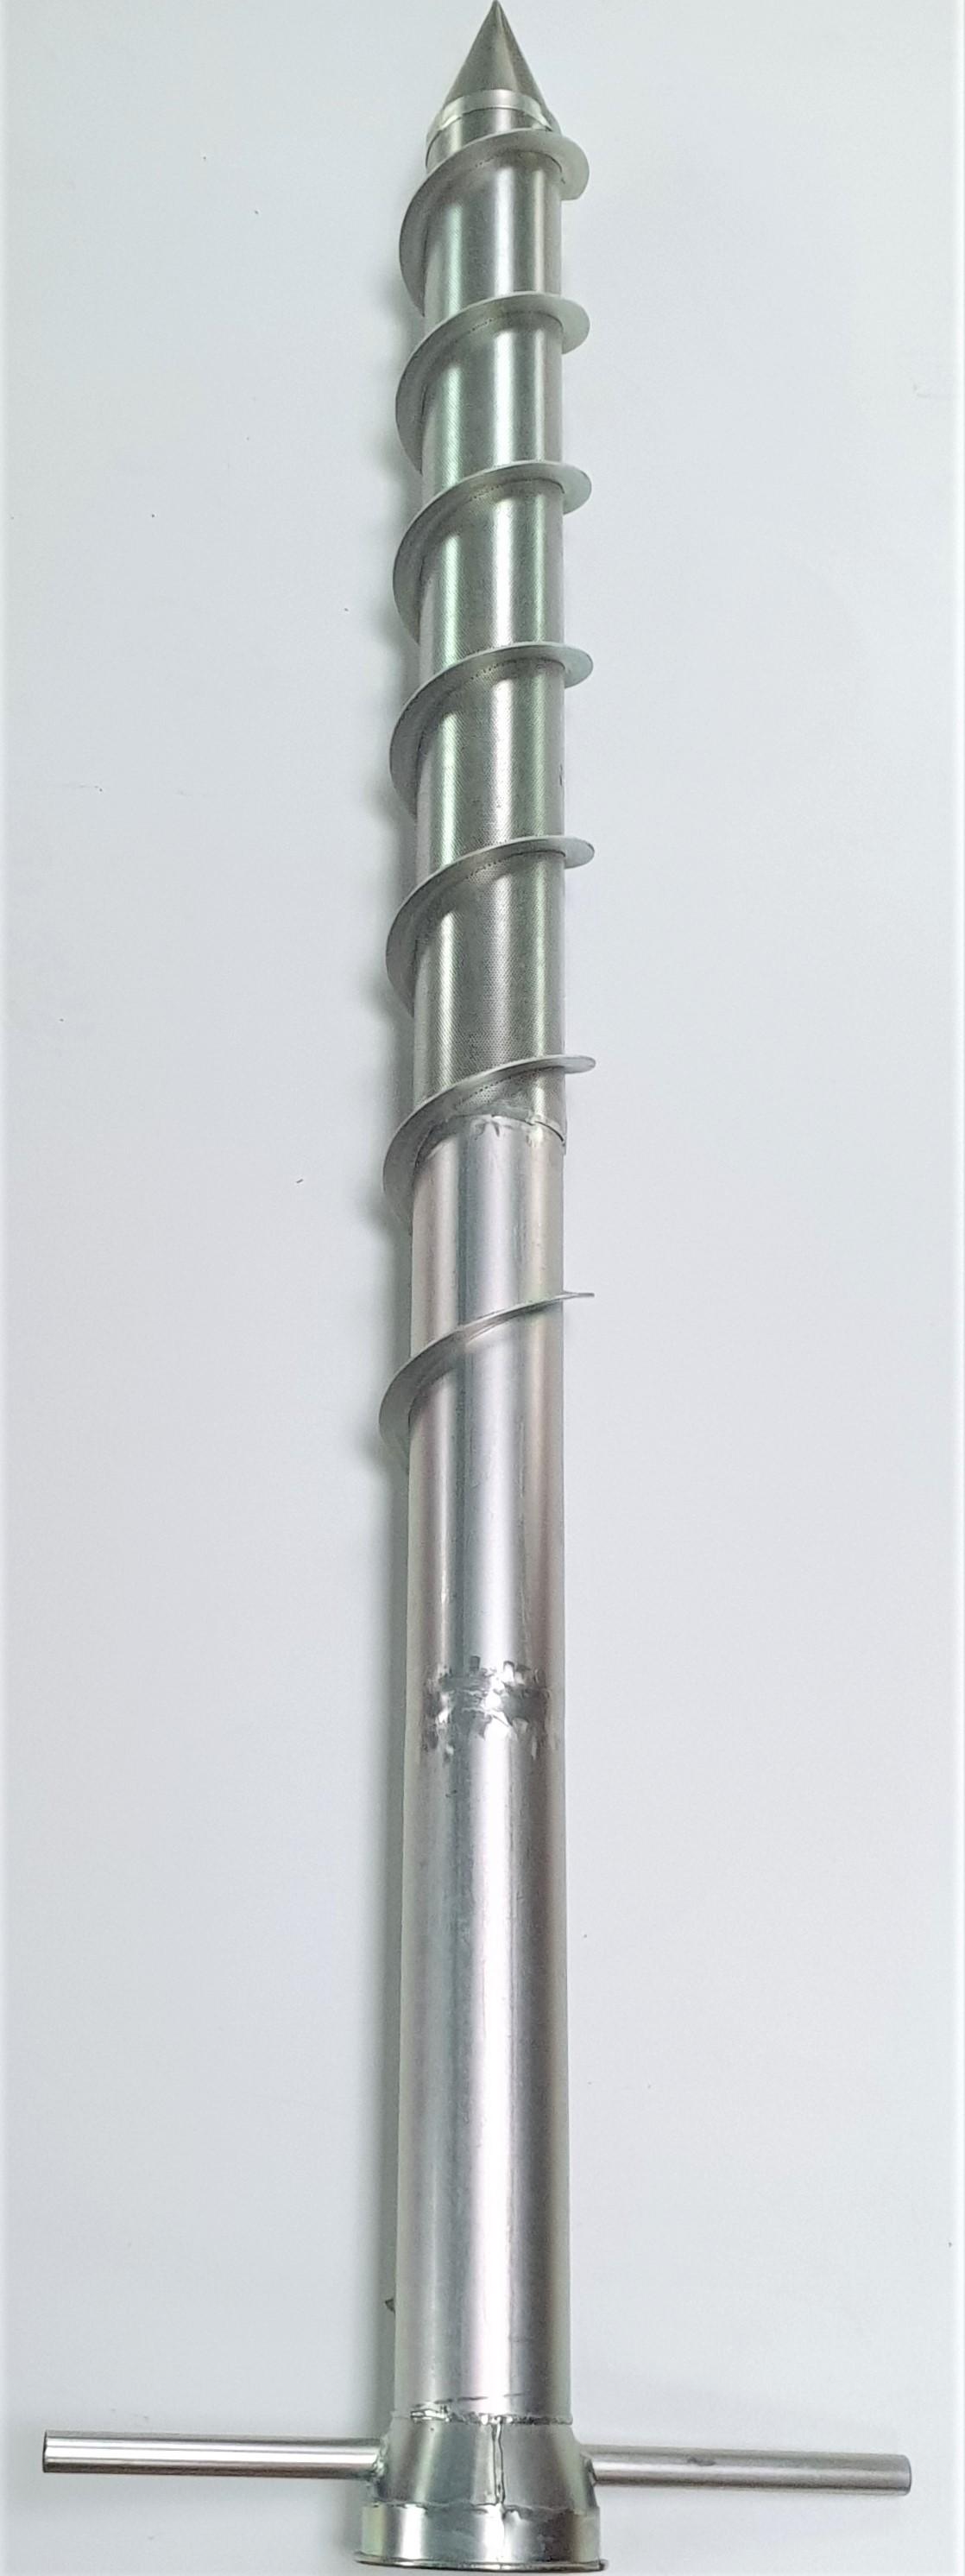 Zubehör Belüftungsrakete - Belüftungsrohr 2,20 m